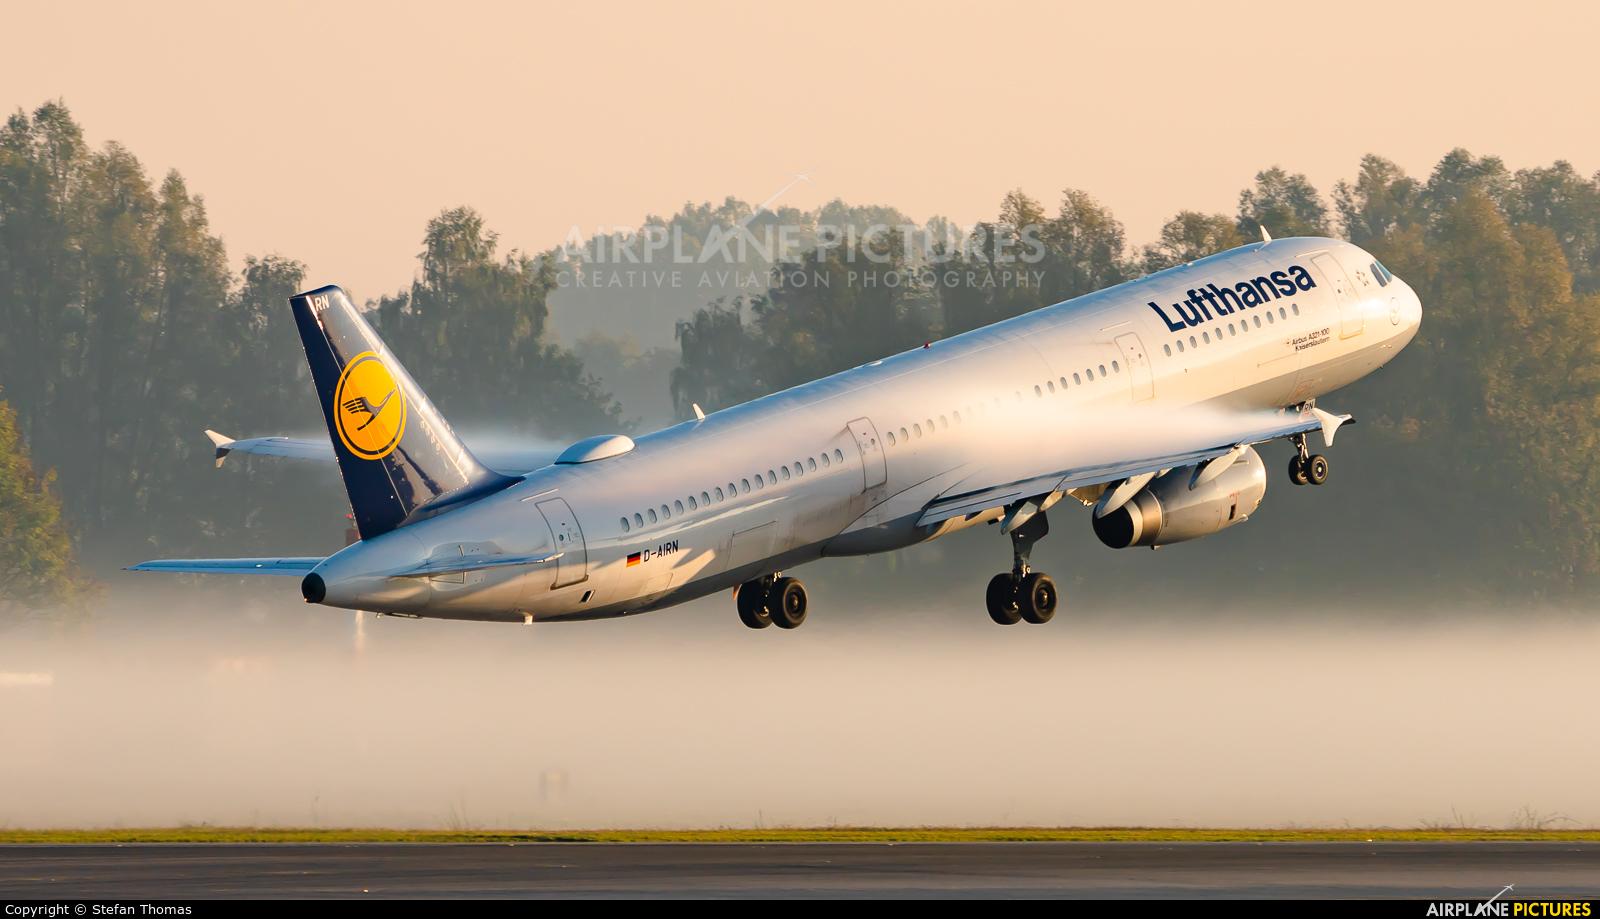 Lufthansa D-AIRN aircraft at Munich